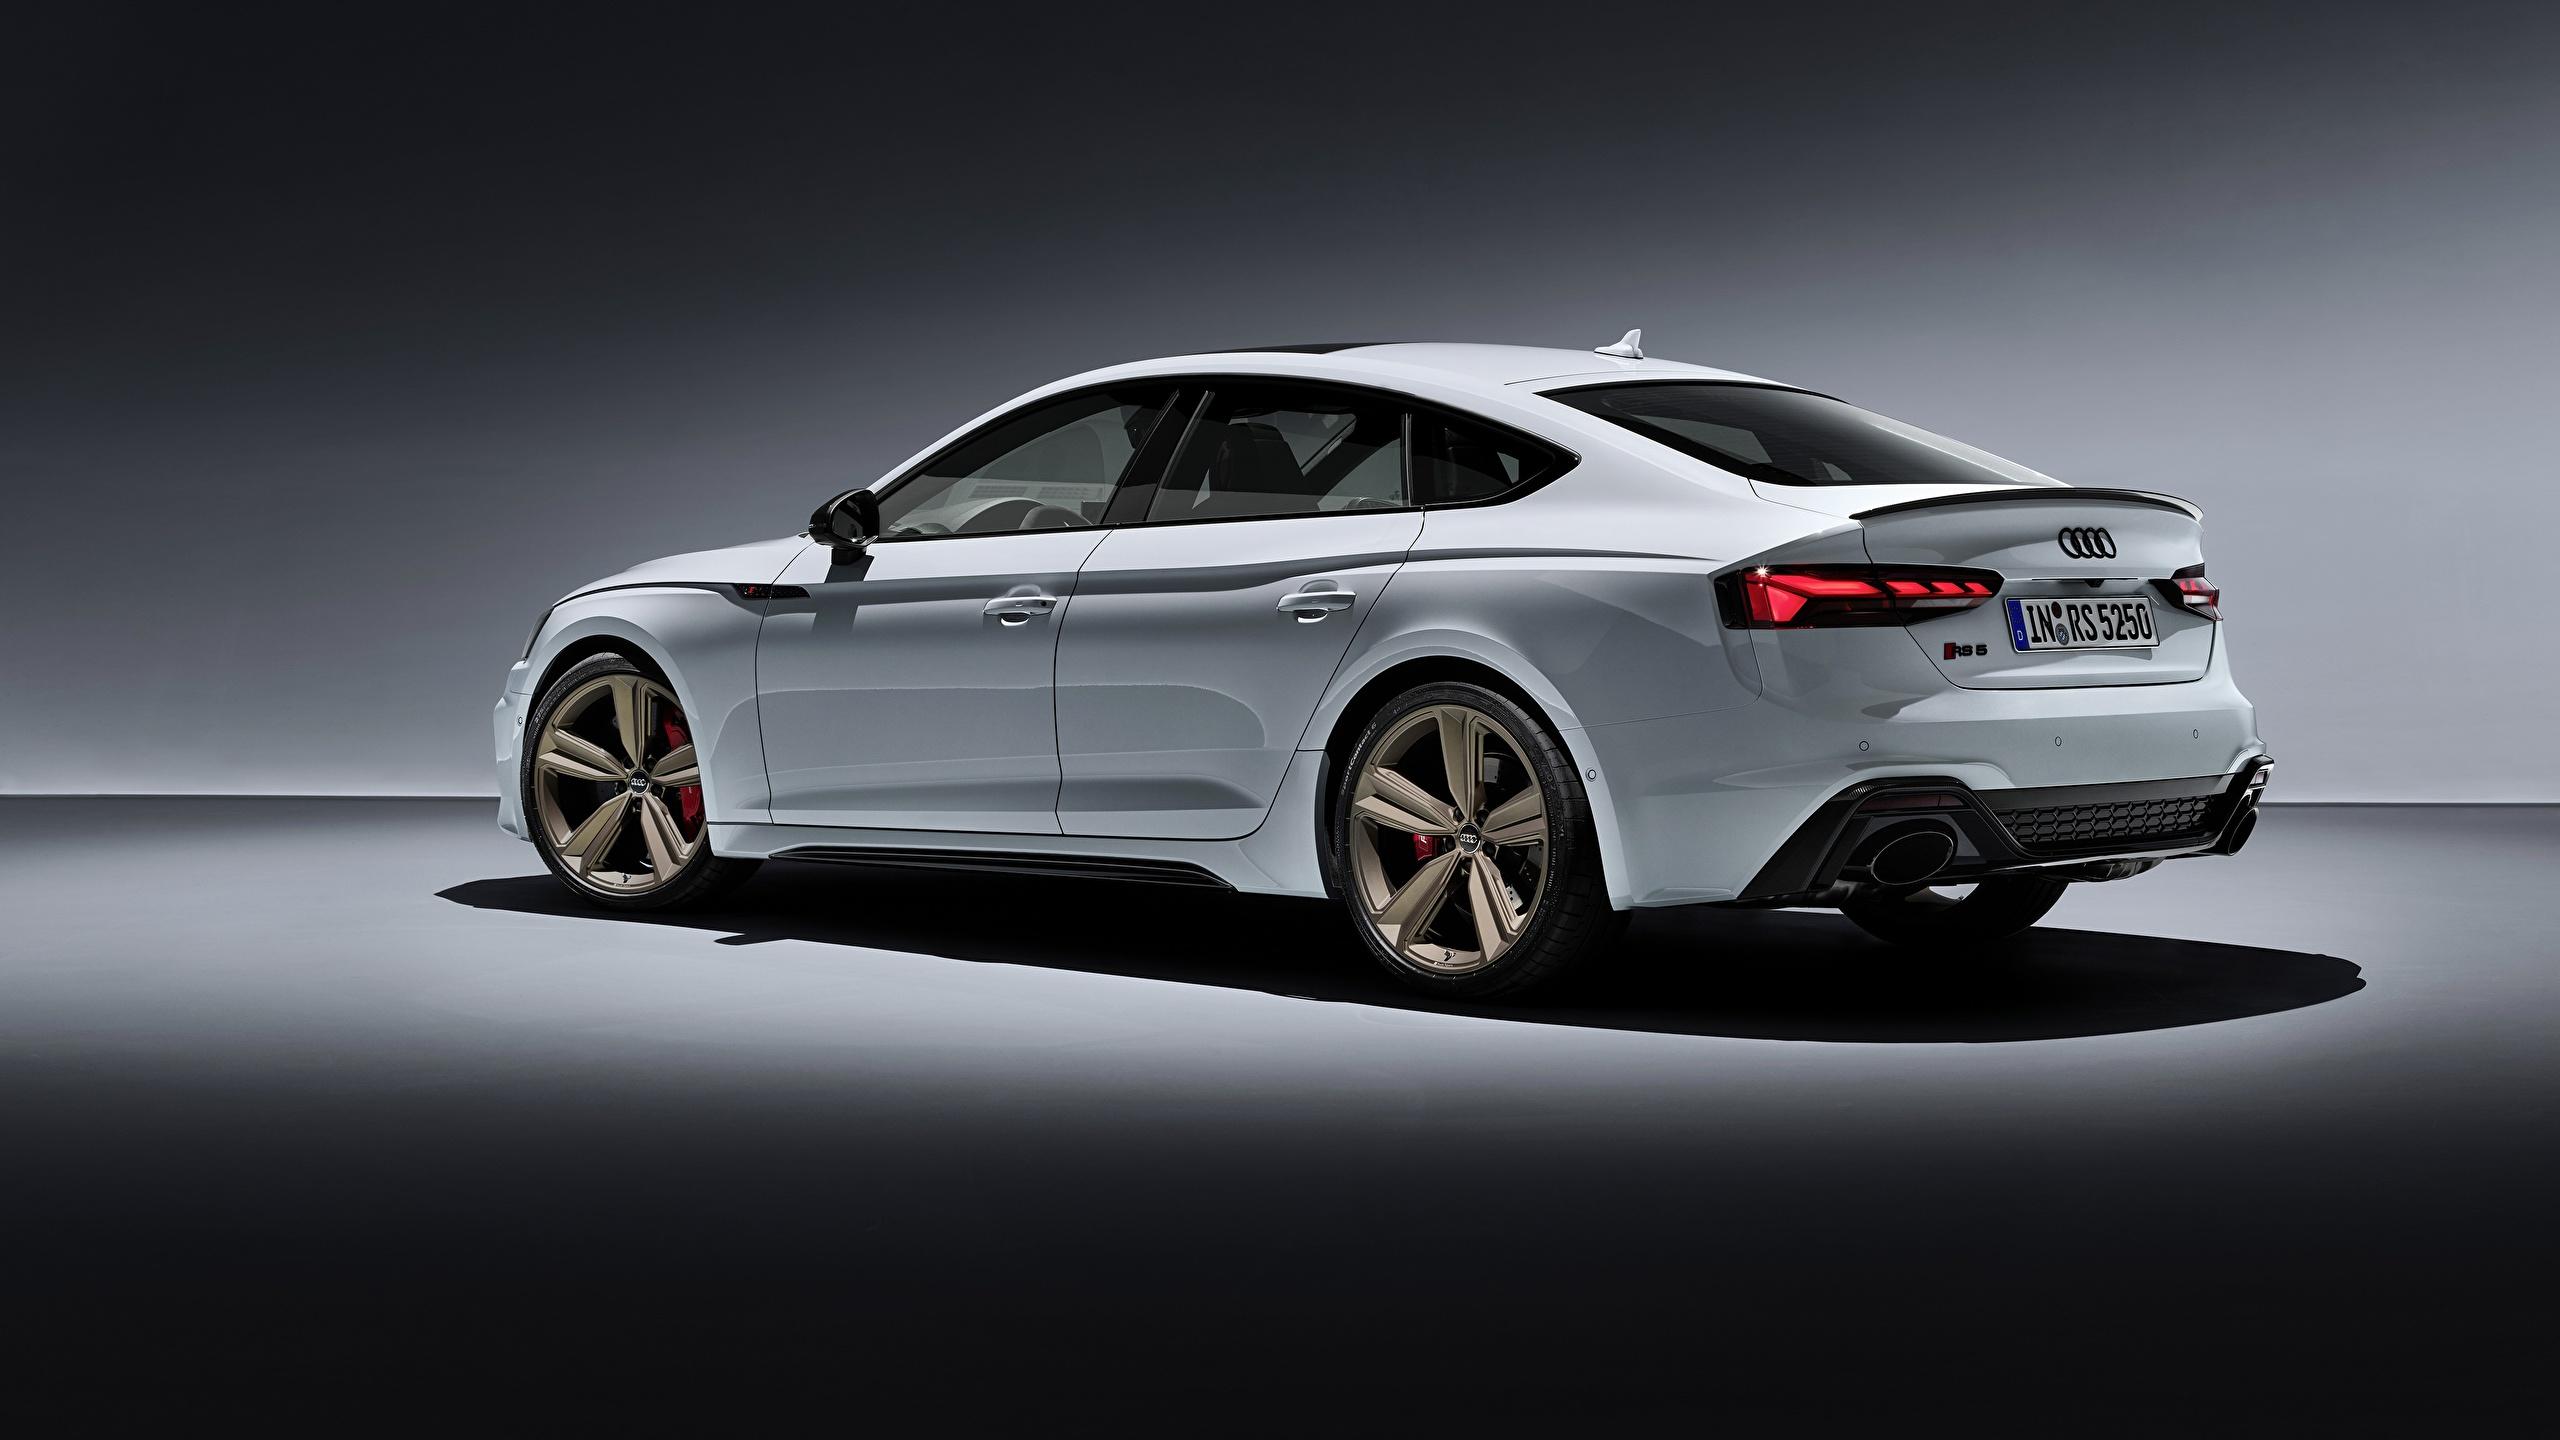 Papeis De Parede 2560x1440 Audi Rs5 Sportback Rs 5 2020 Branco Metalico Lateralmente Carros Baixar Imagens